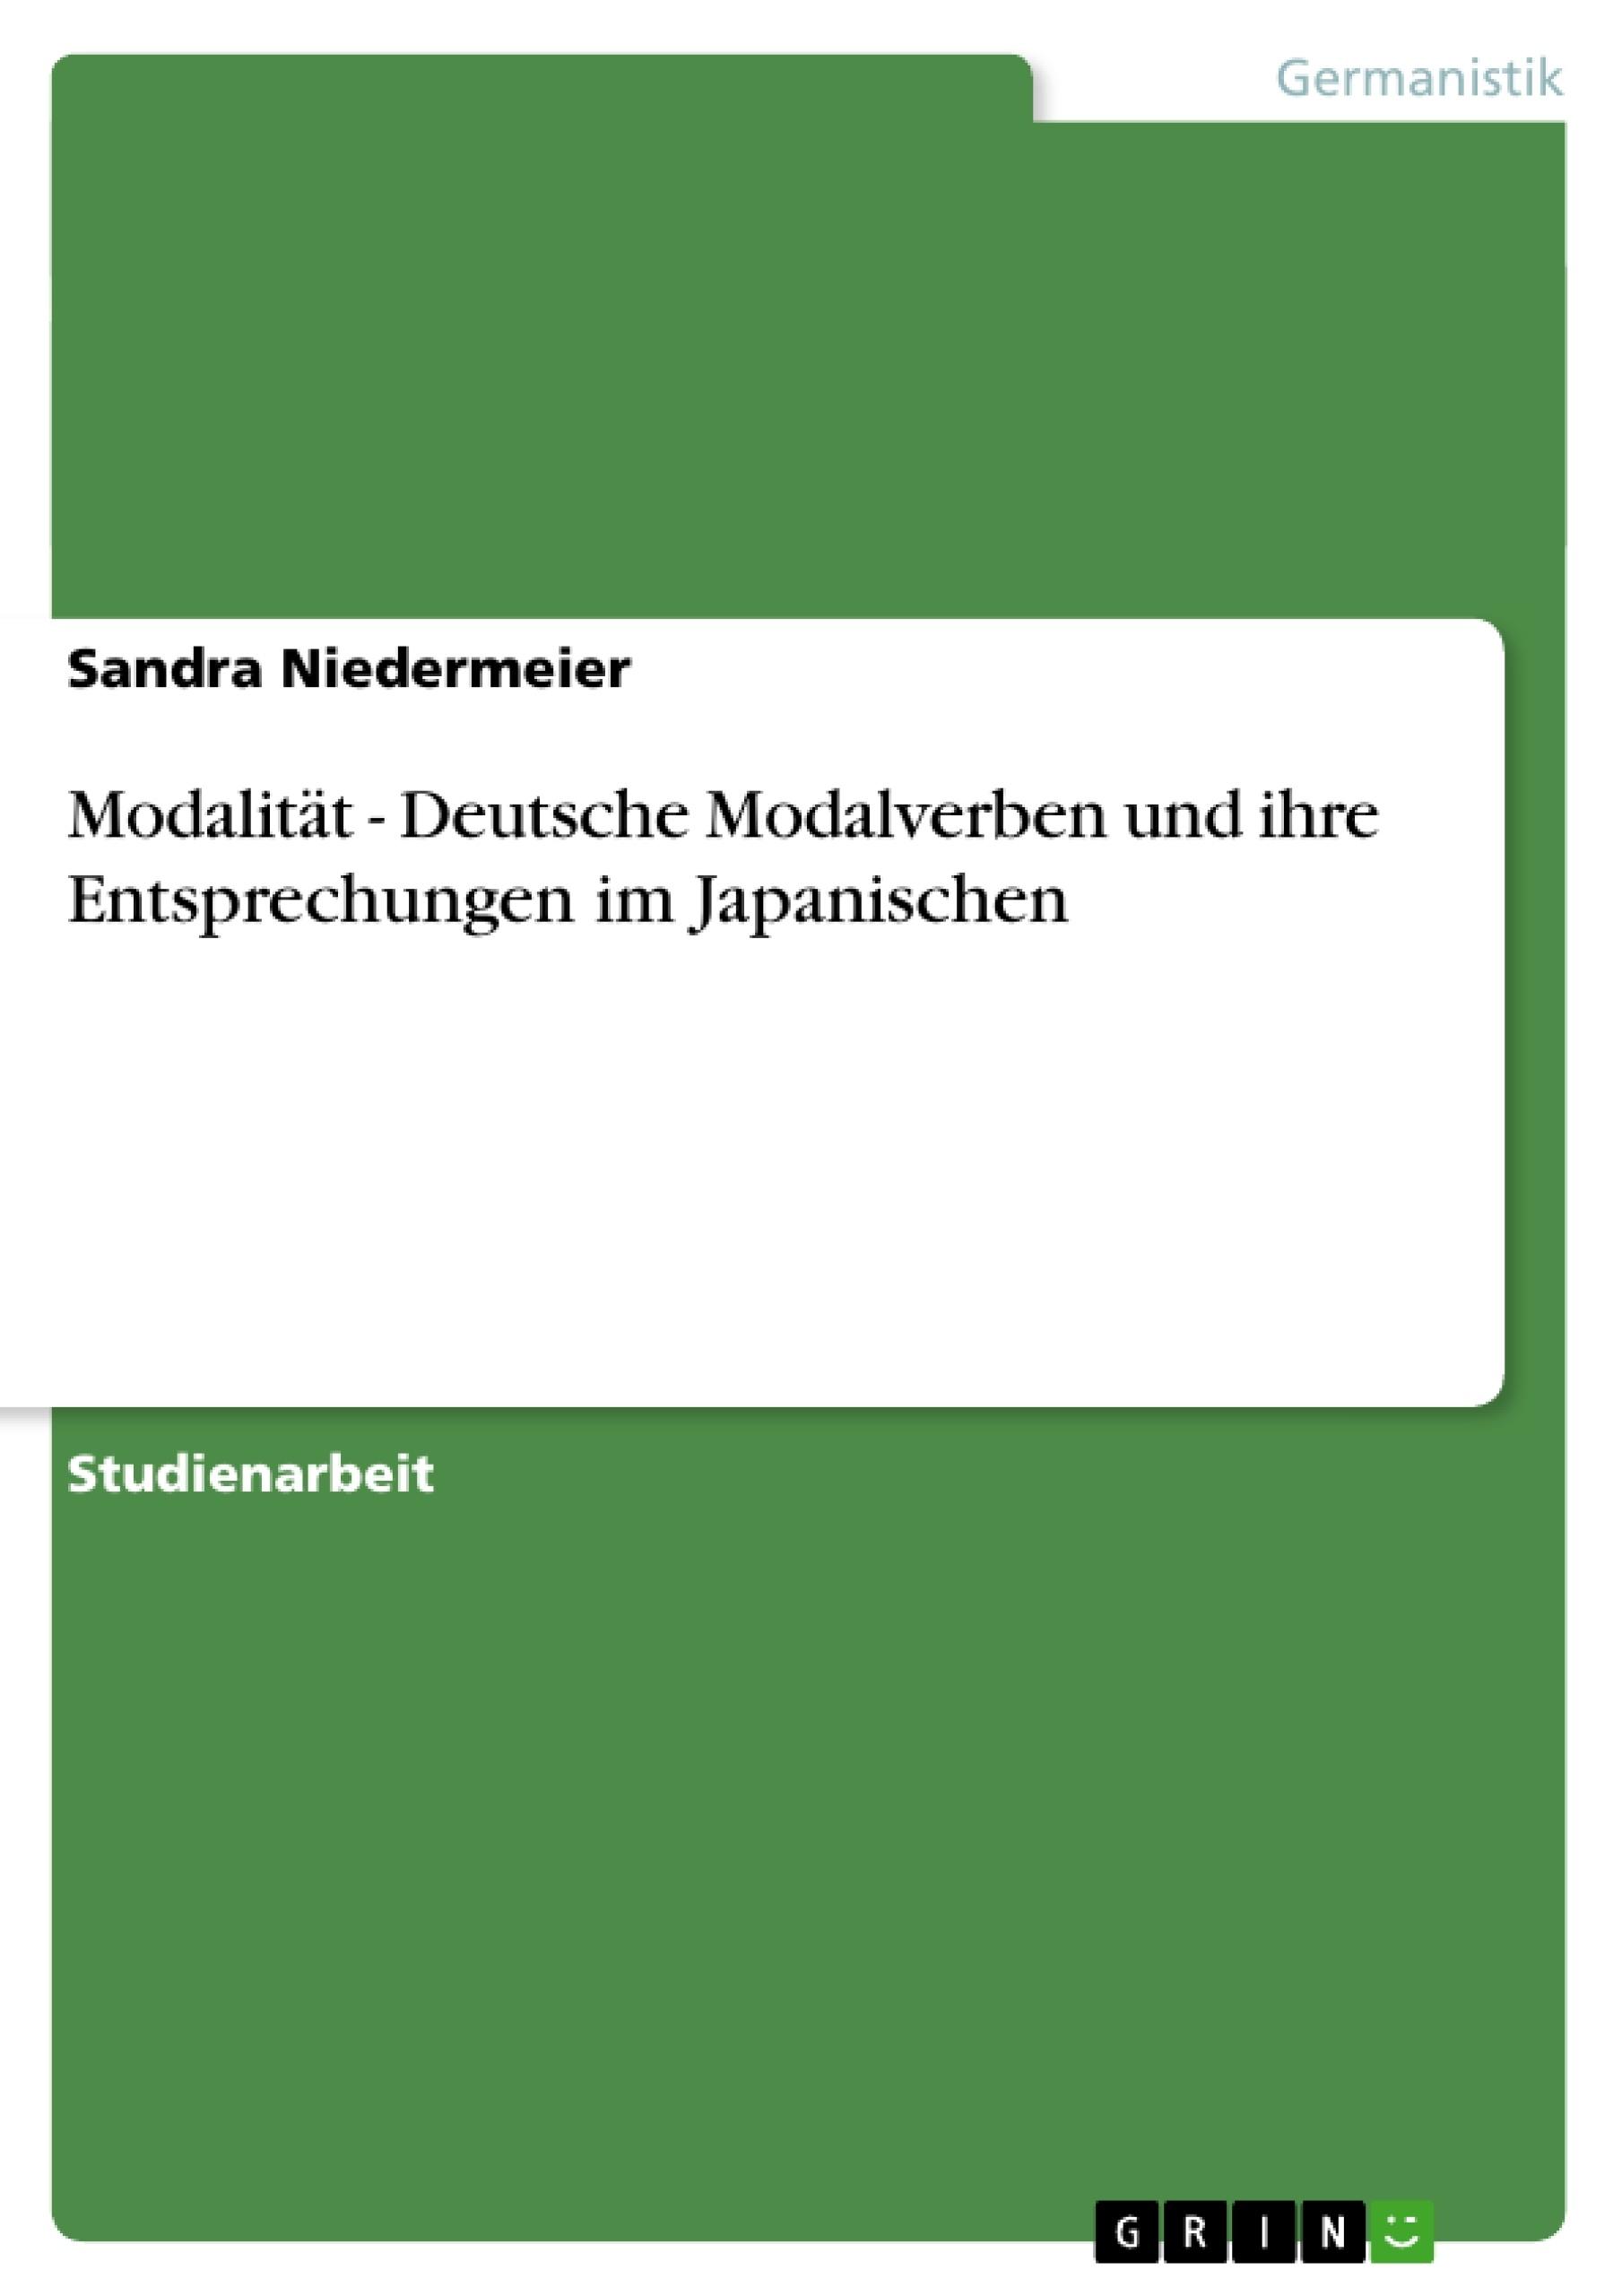 Titel: Modalität - Deutsche Modalverben und ihre Entsprechungen im Japanischen